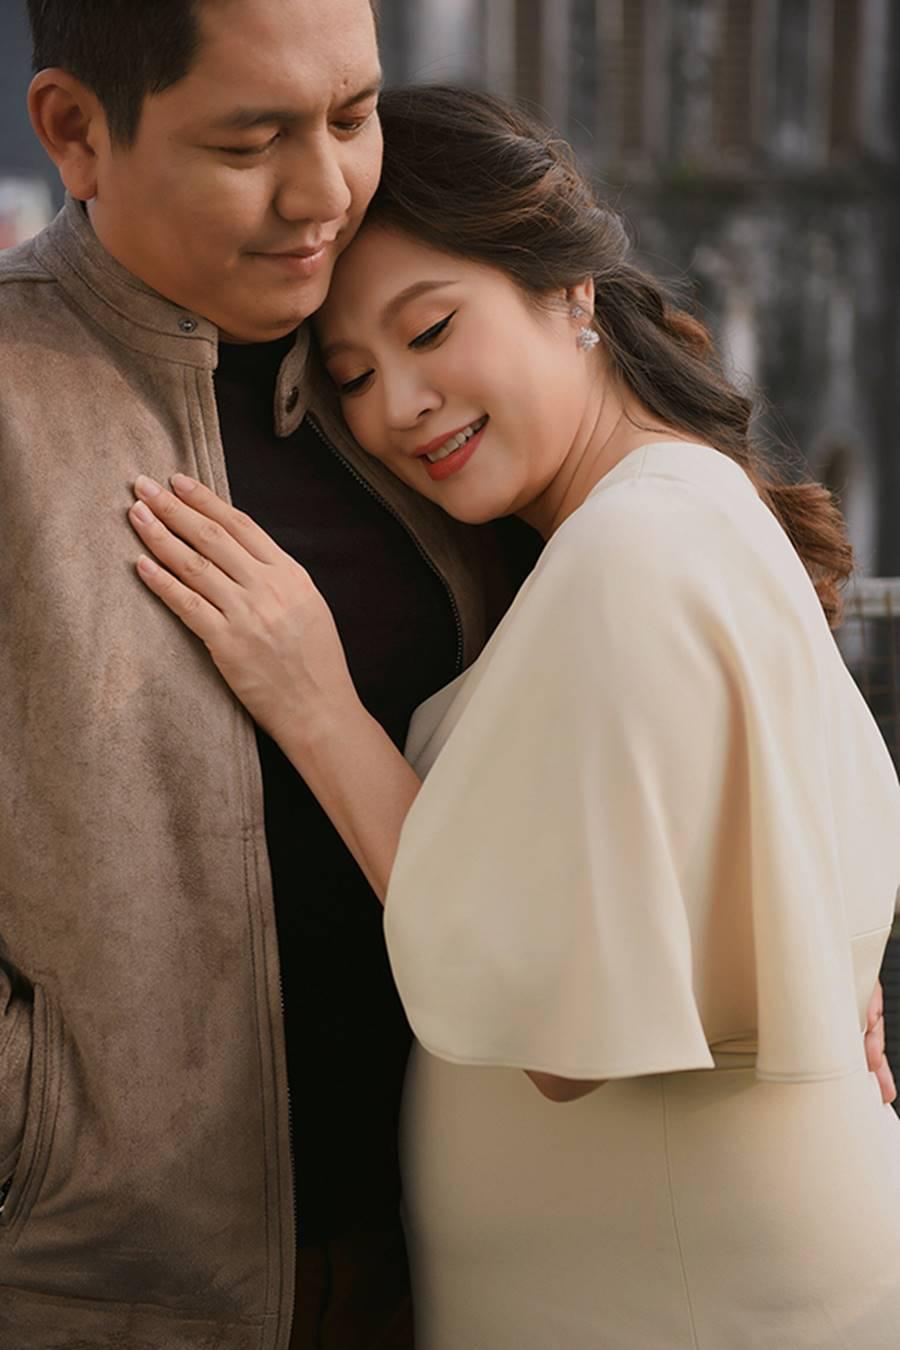 """Bà bầu"""" Thanh Thúy đẹp rạng ngời cùng chồng dạo phố Hà Nội-8"""